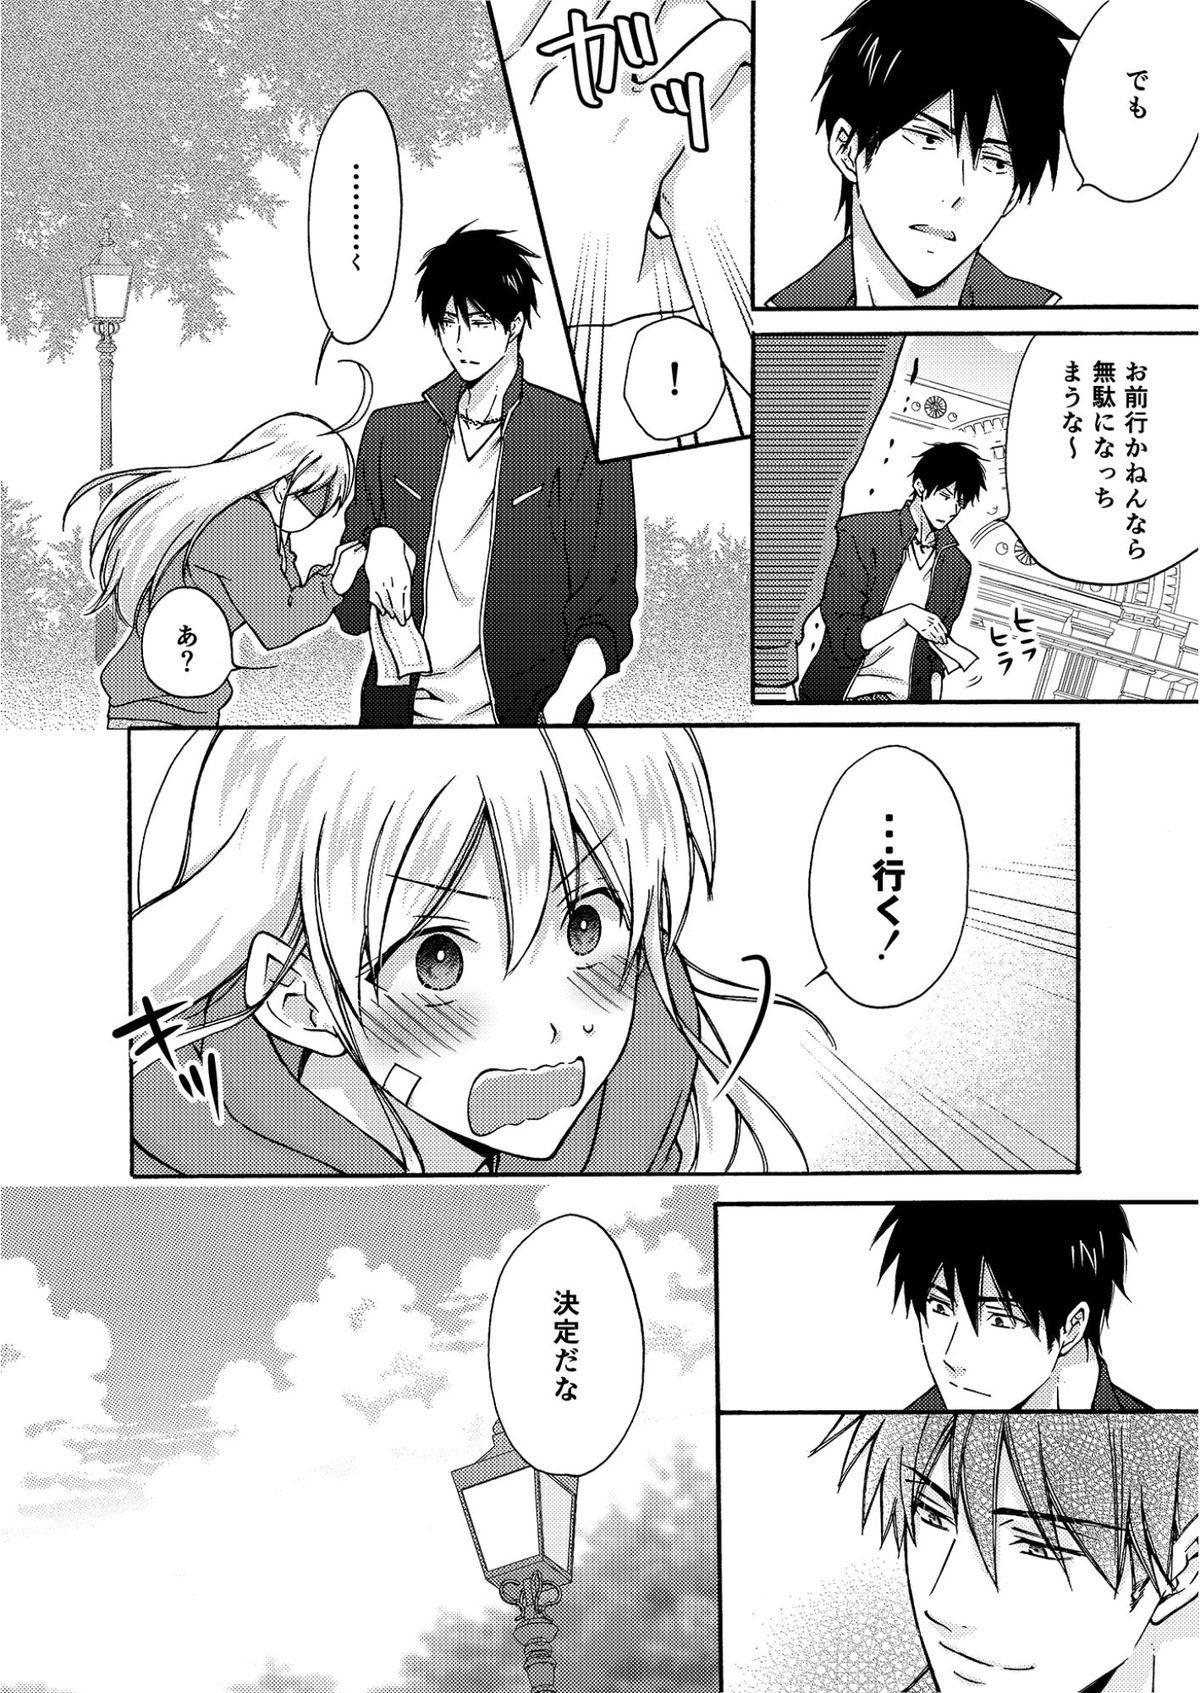 Nyotaika Yankee Gakuen ☆ Ore no Hajimete, Nerawaretemasu. 4 16